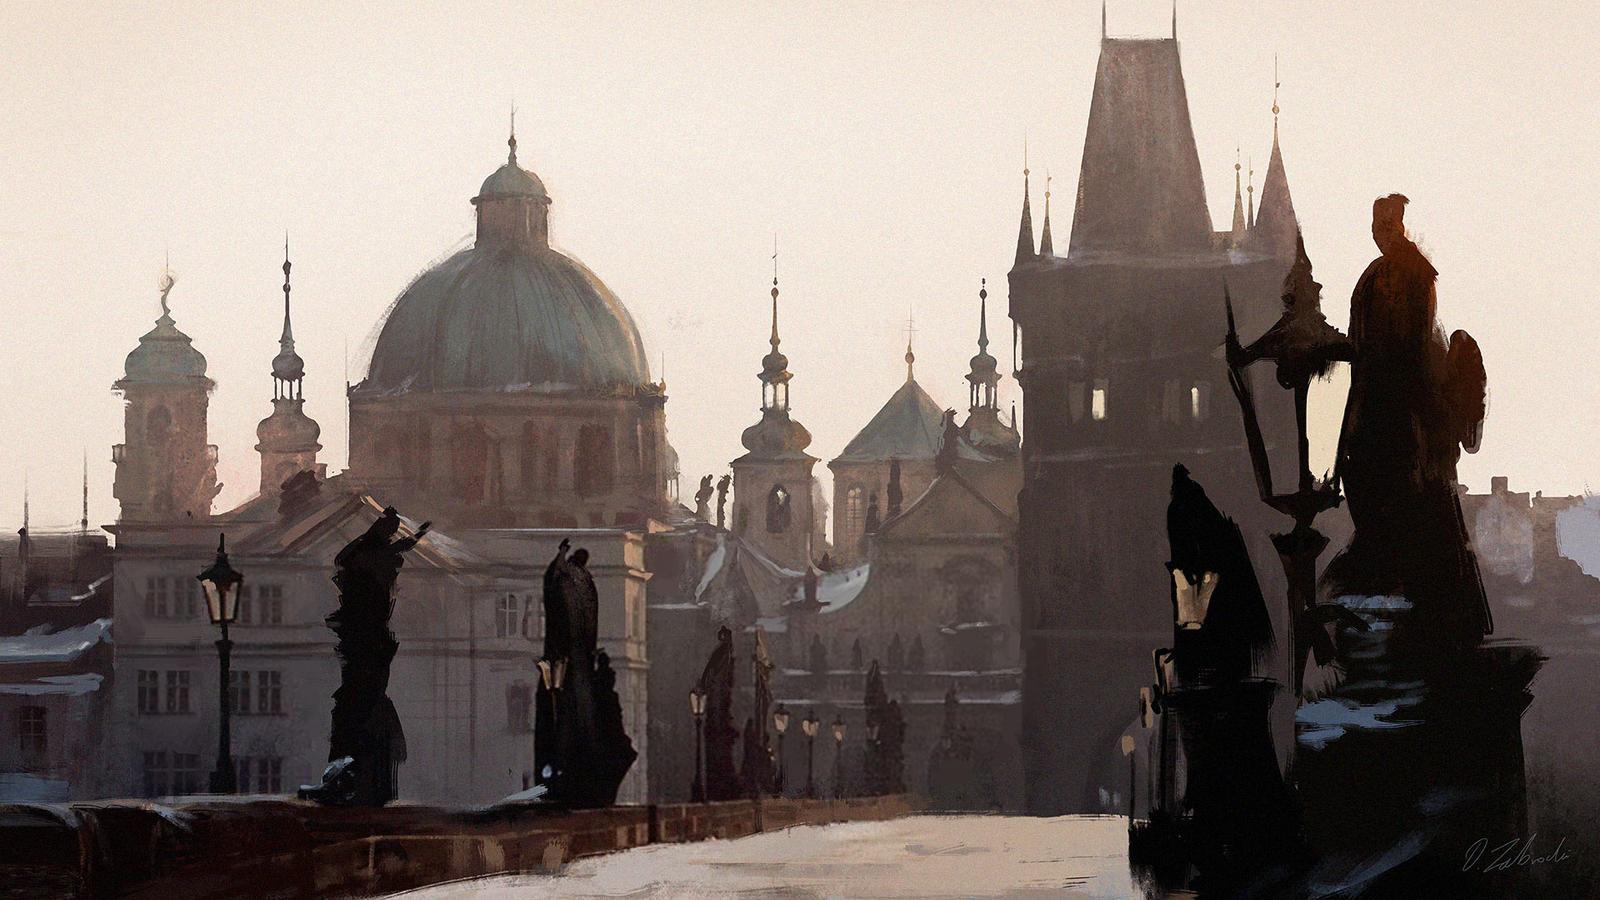 Prague #2 by daRoz